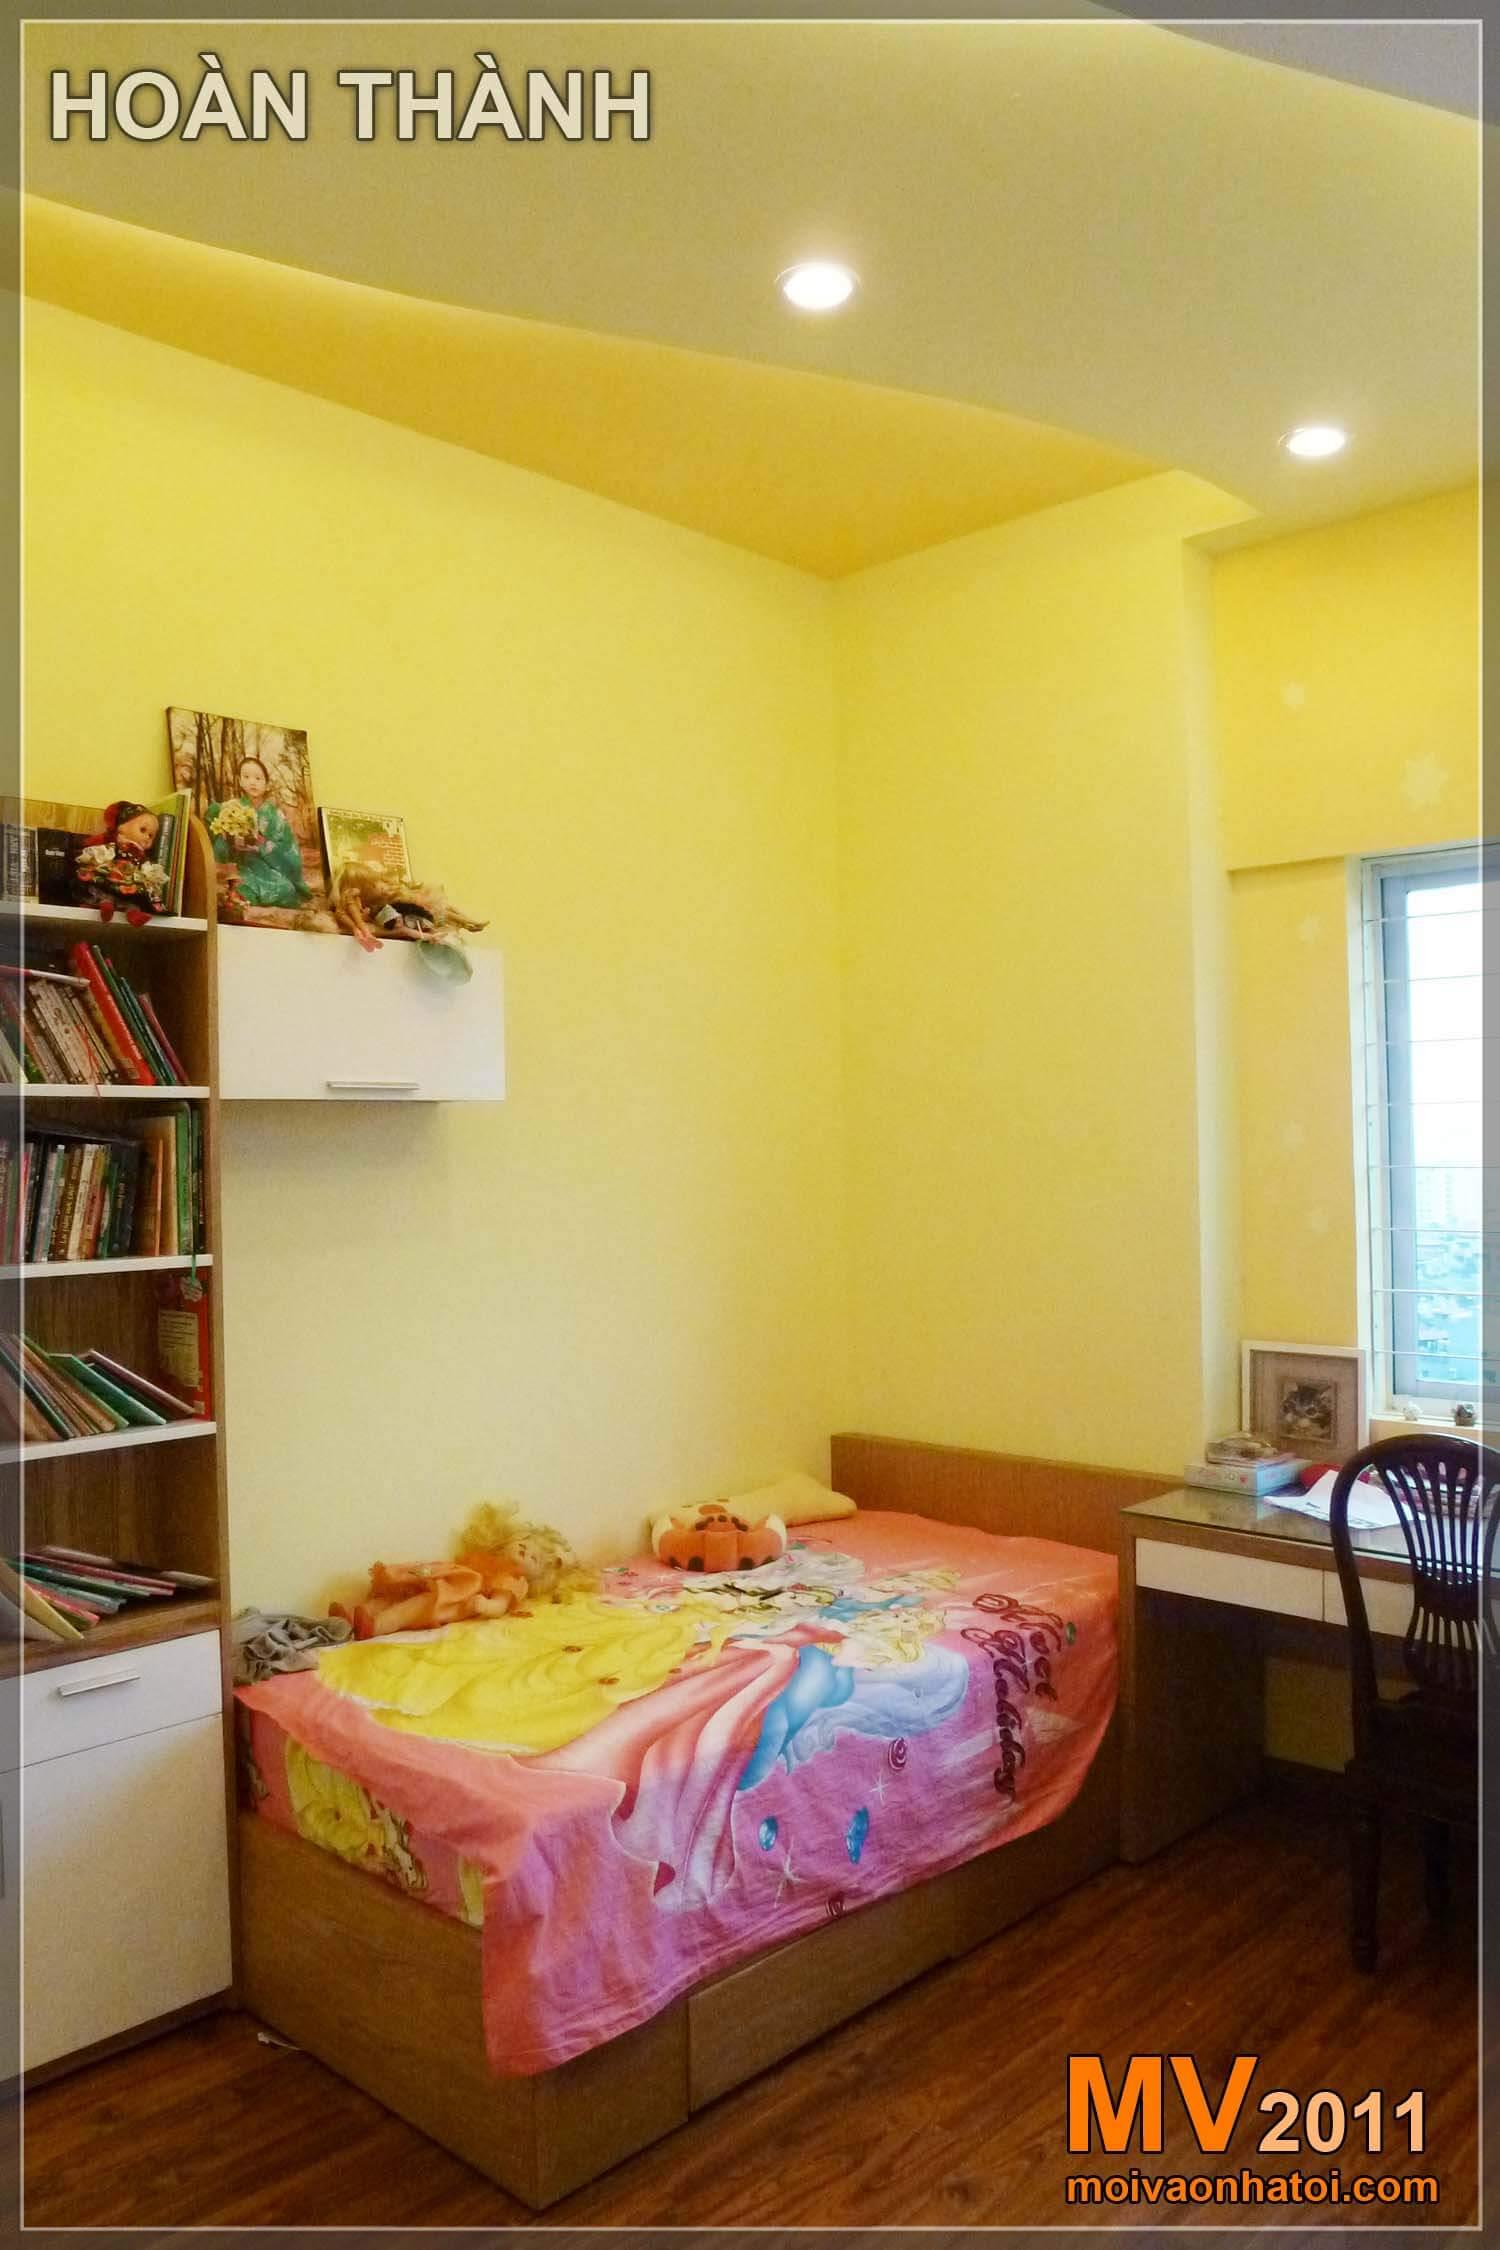 Phía giường con gái - hoàn thành, nội thất phòng ngủ đẹp hơn